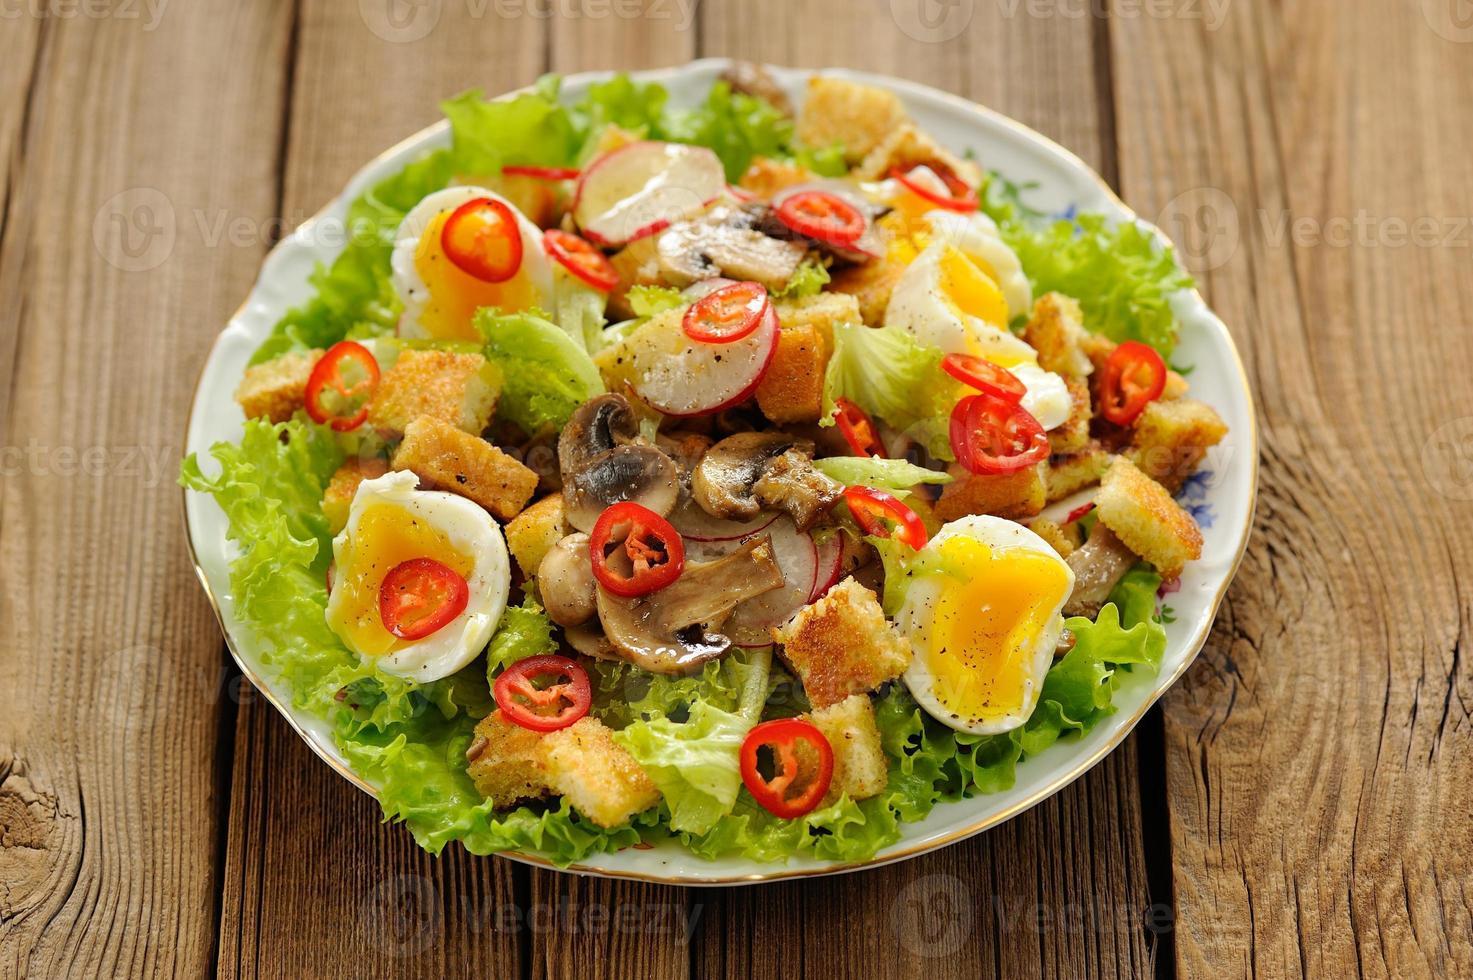 Ensalada César con champiñones, huevos, chile y rábano en madera foto